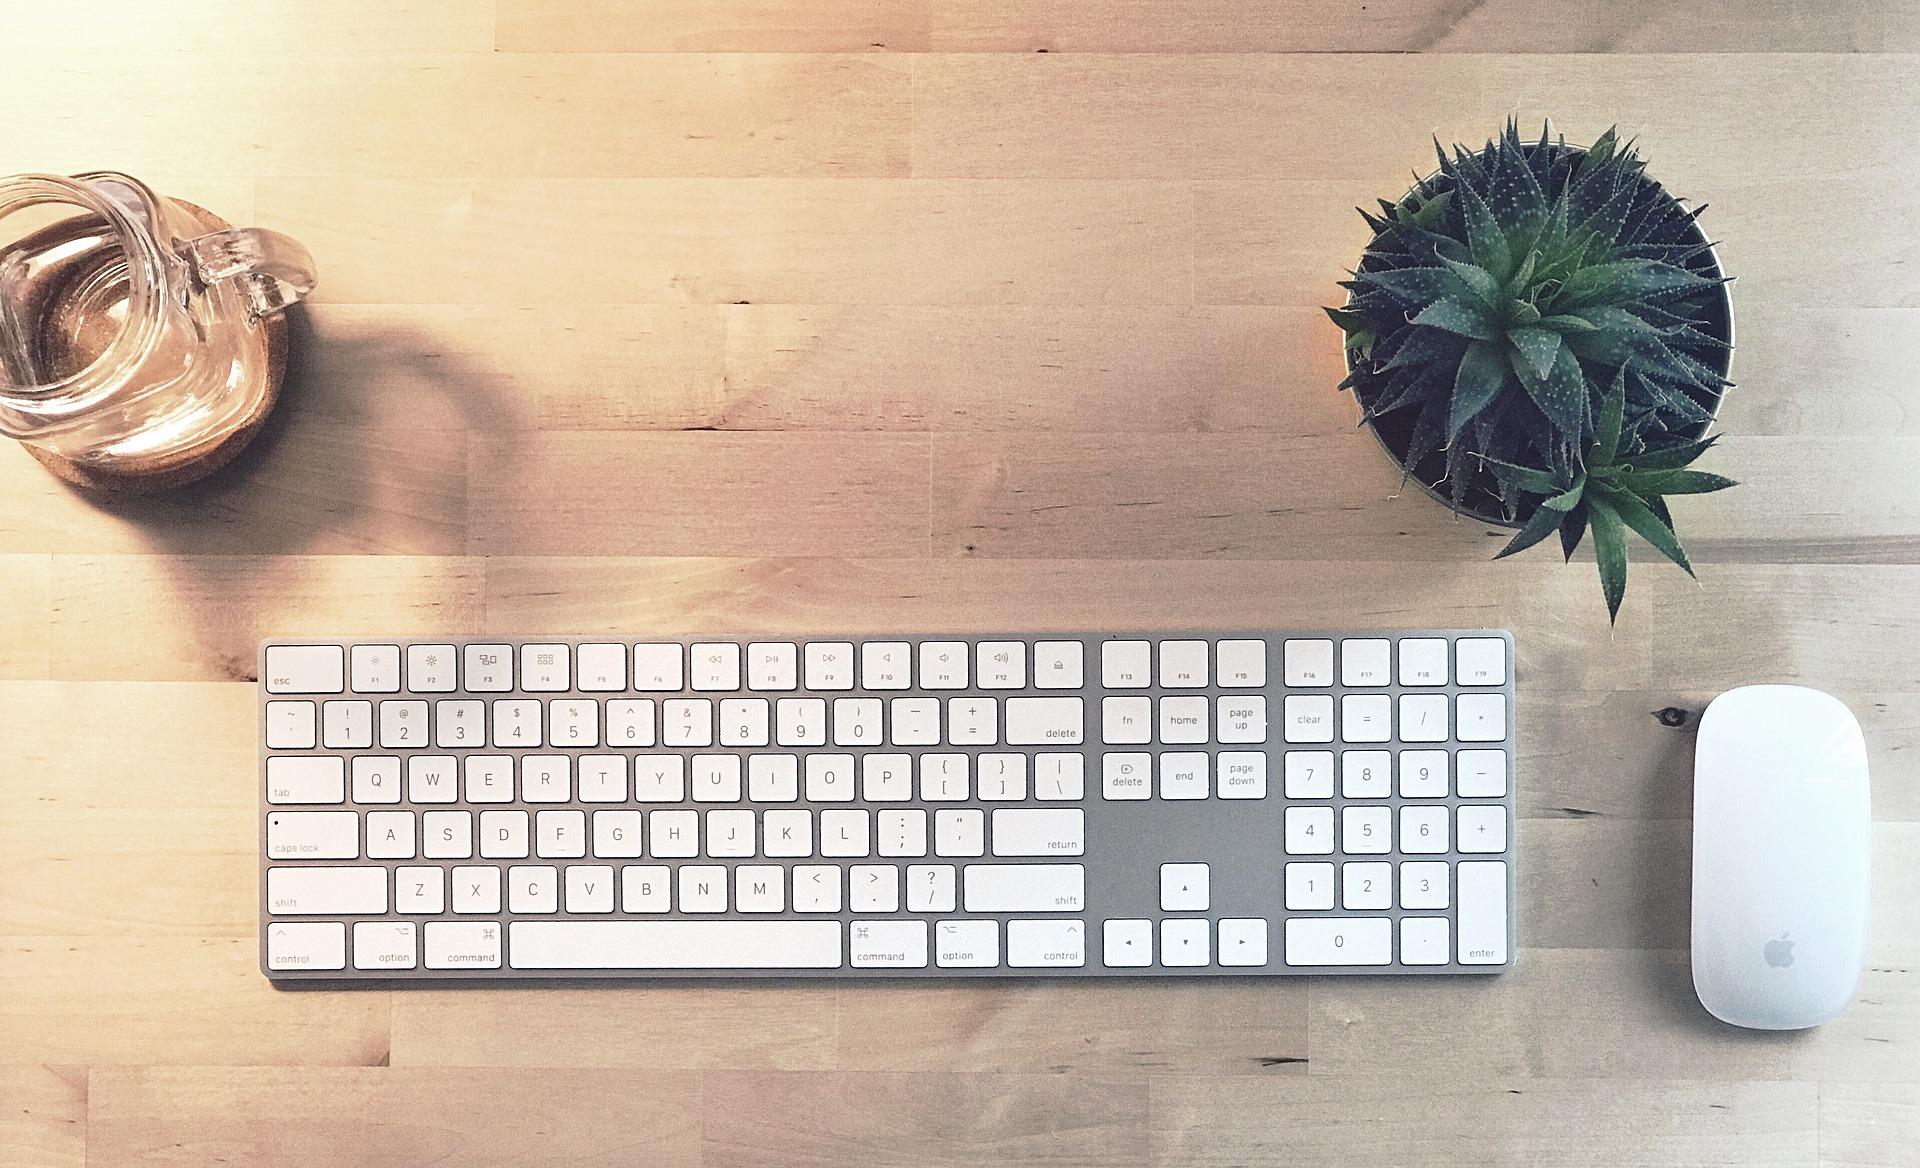 Imagem mostra um Magic Keyboard ao lado de um mouse sobre uma mesa.